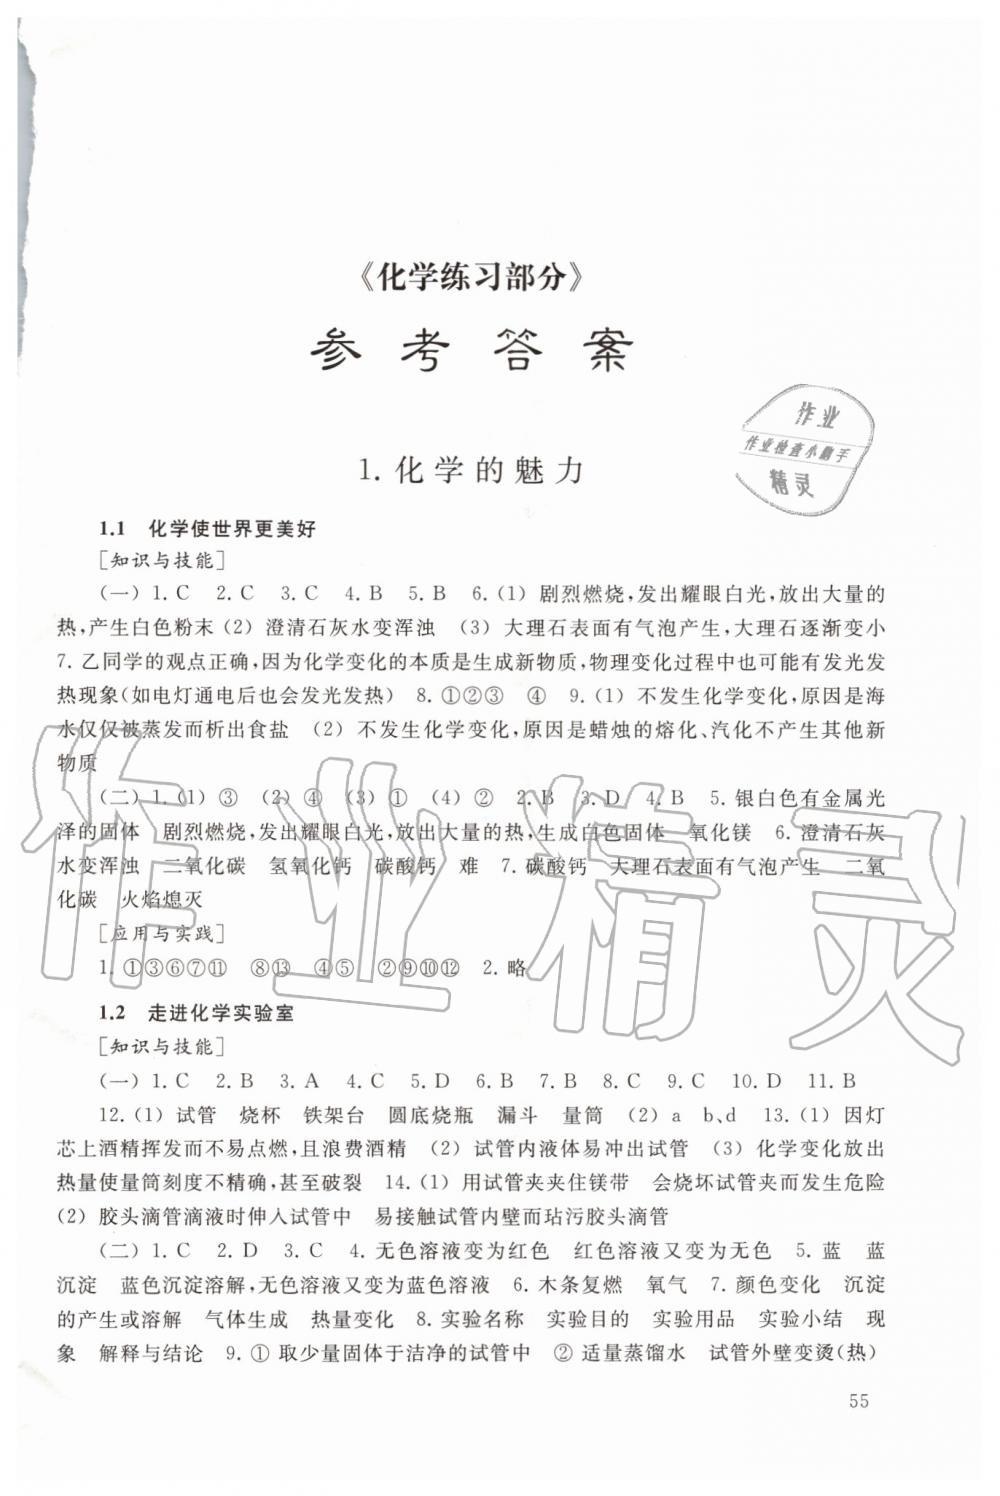 2019年化学练习部分九年级第一学期沪教版第1页